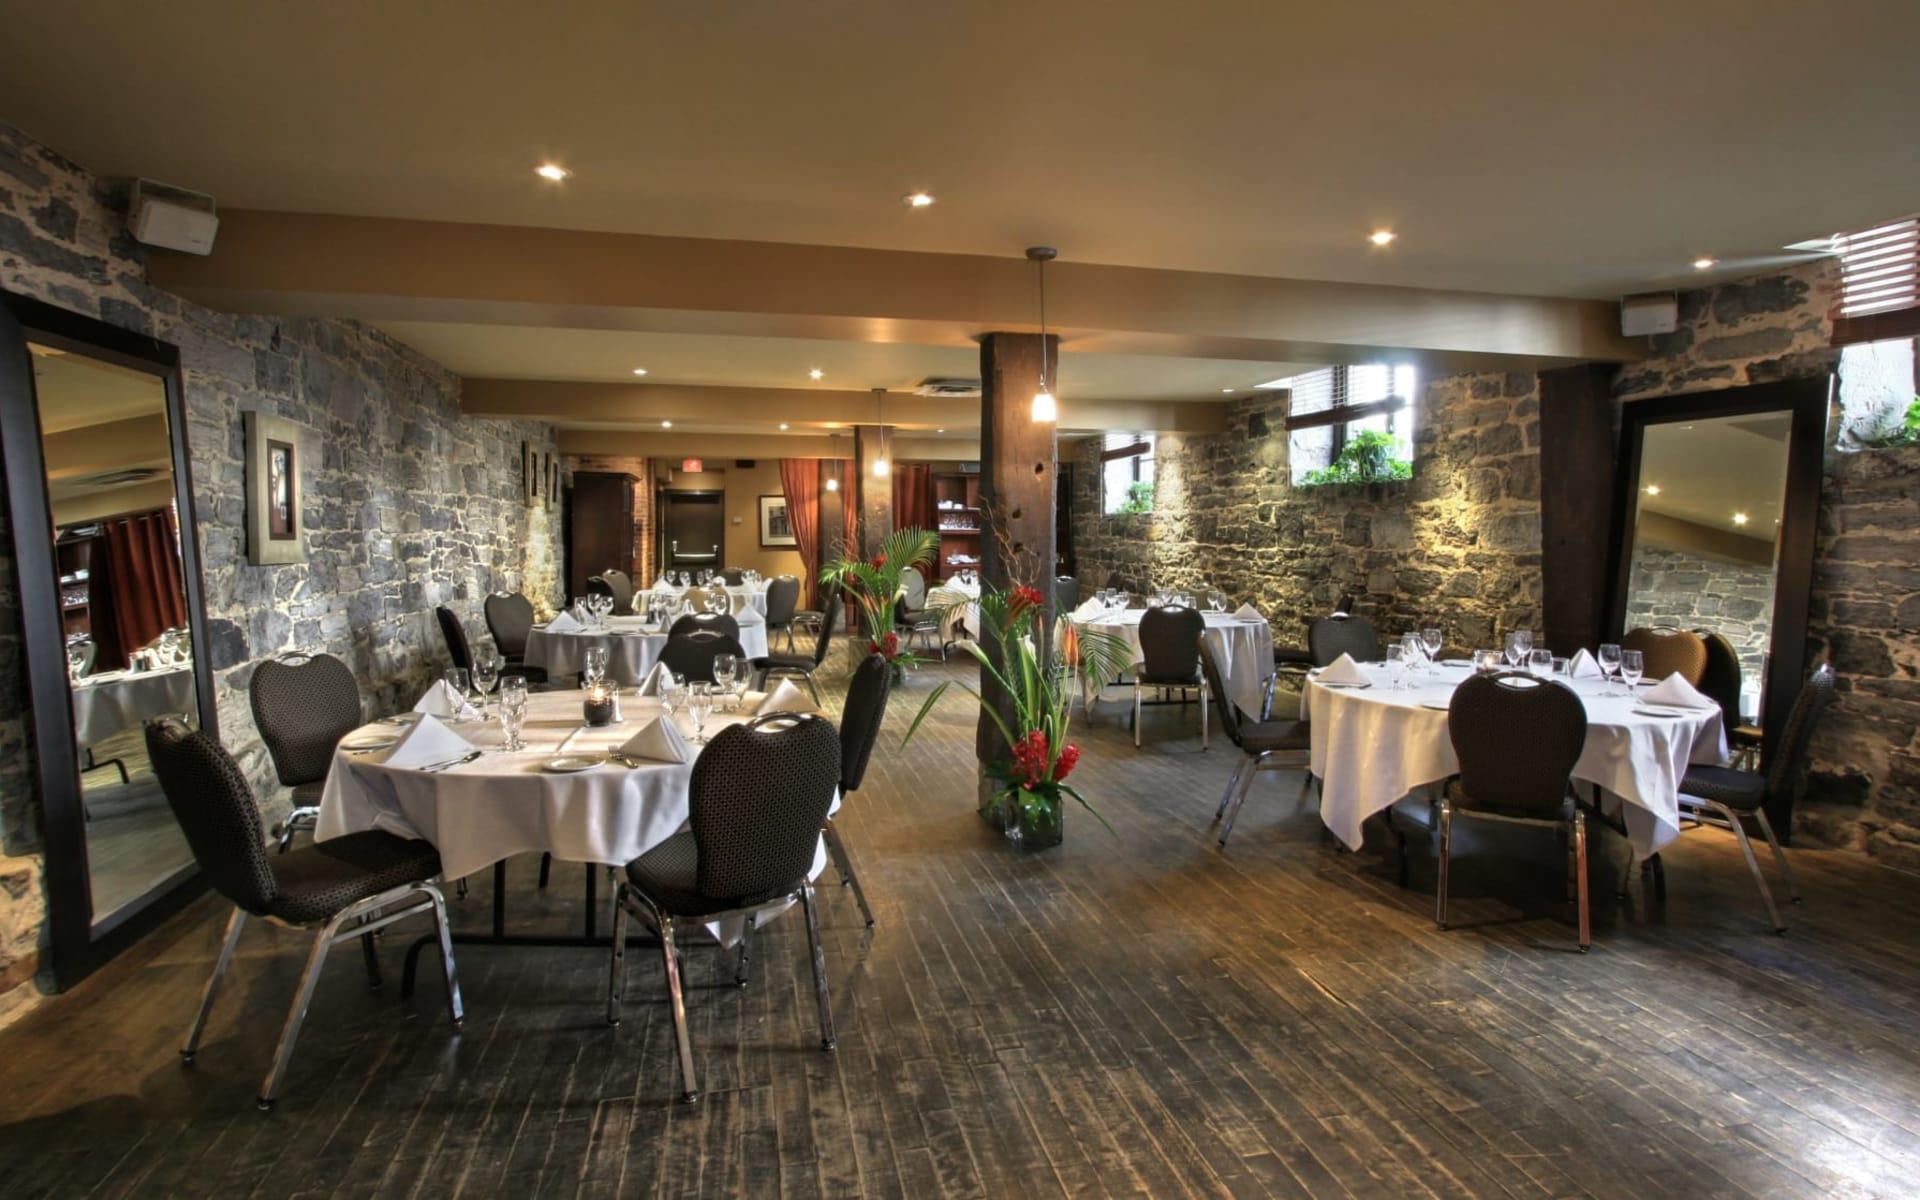 Hotel Nelligan in Montréal:  Le Nelligan_DiningArea